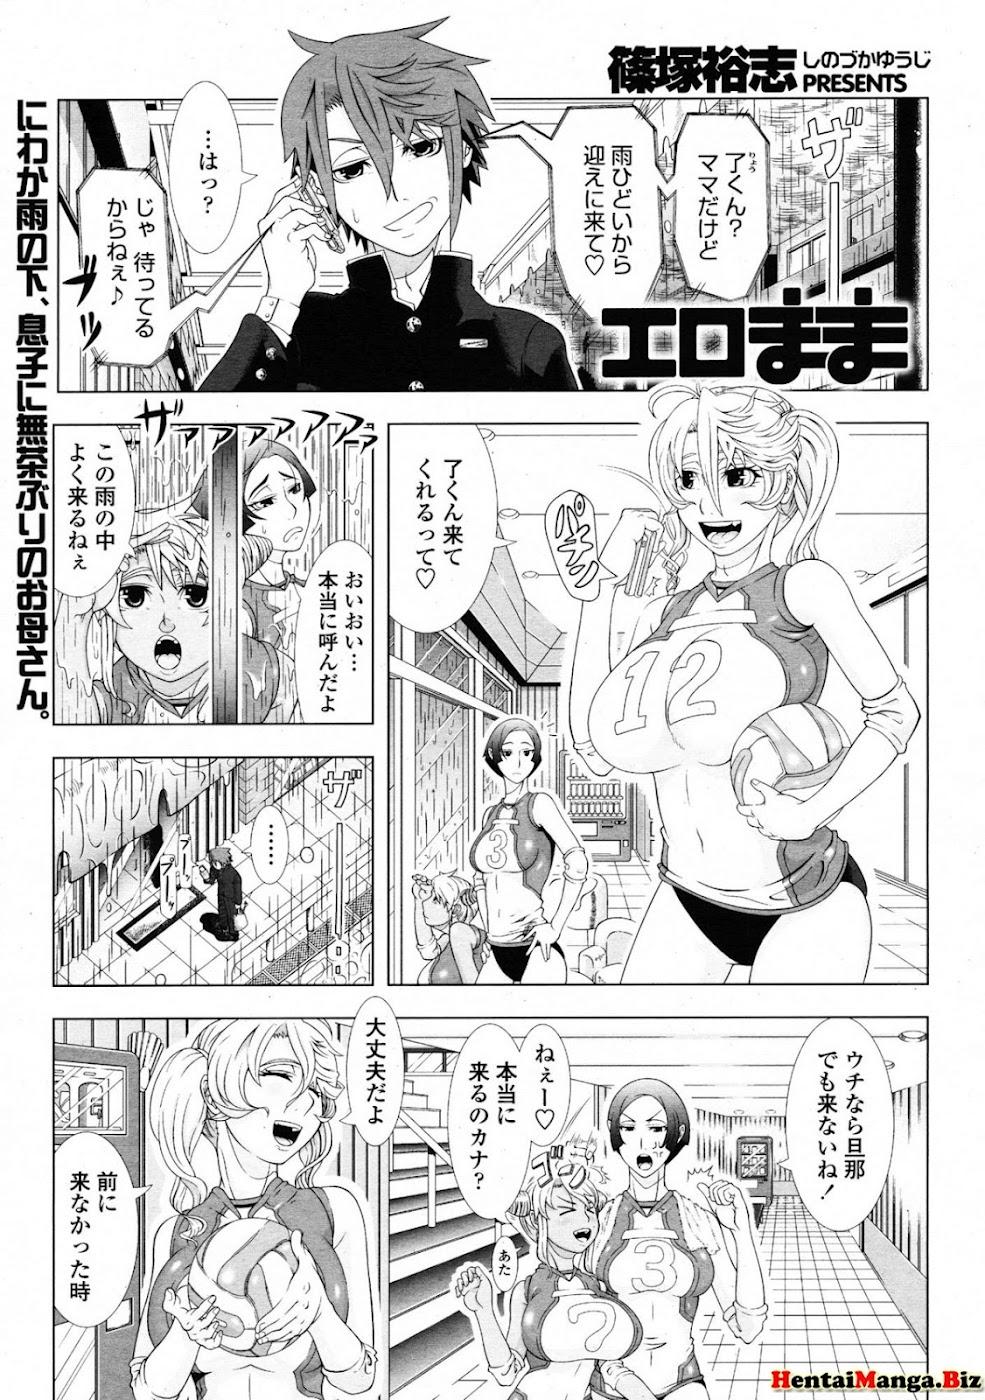 Incest Hentai - [Shinozuka Yuuji] Eromama-Read-Hentai-Manga-Onlnie